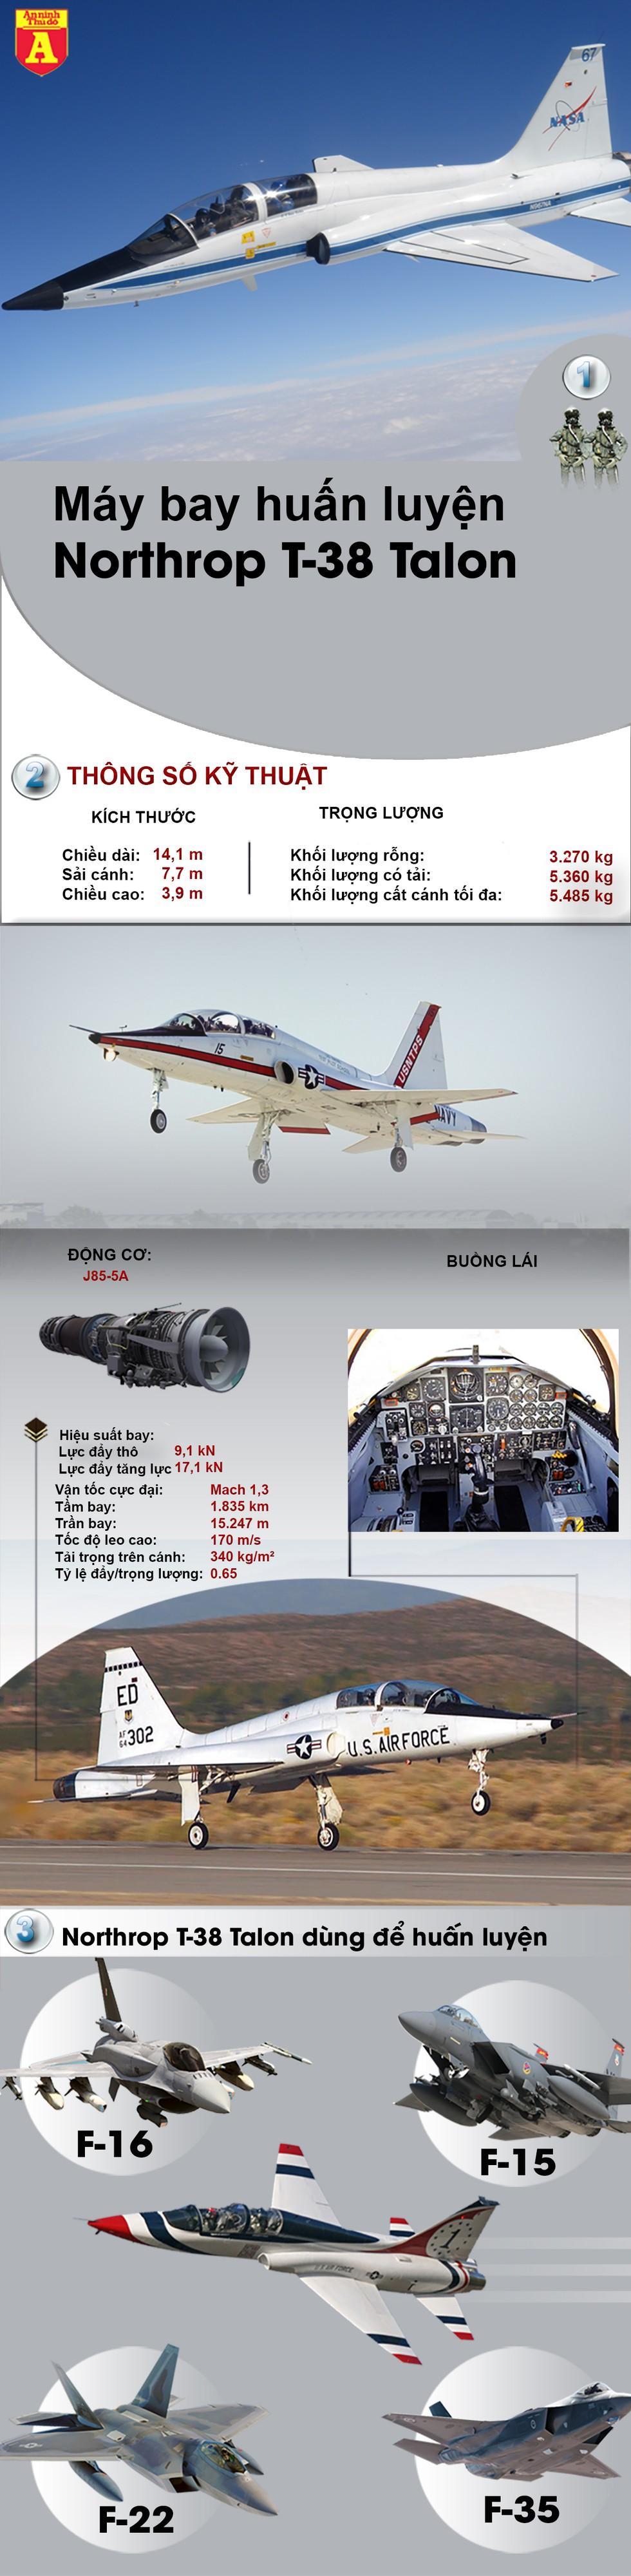 [Infographics] Máy bay huấn luyện con cưng liên tục lao đất, báo động đỏ cho Mỹ - Ảnh 1